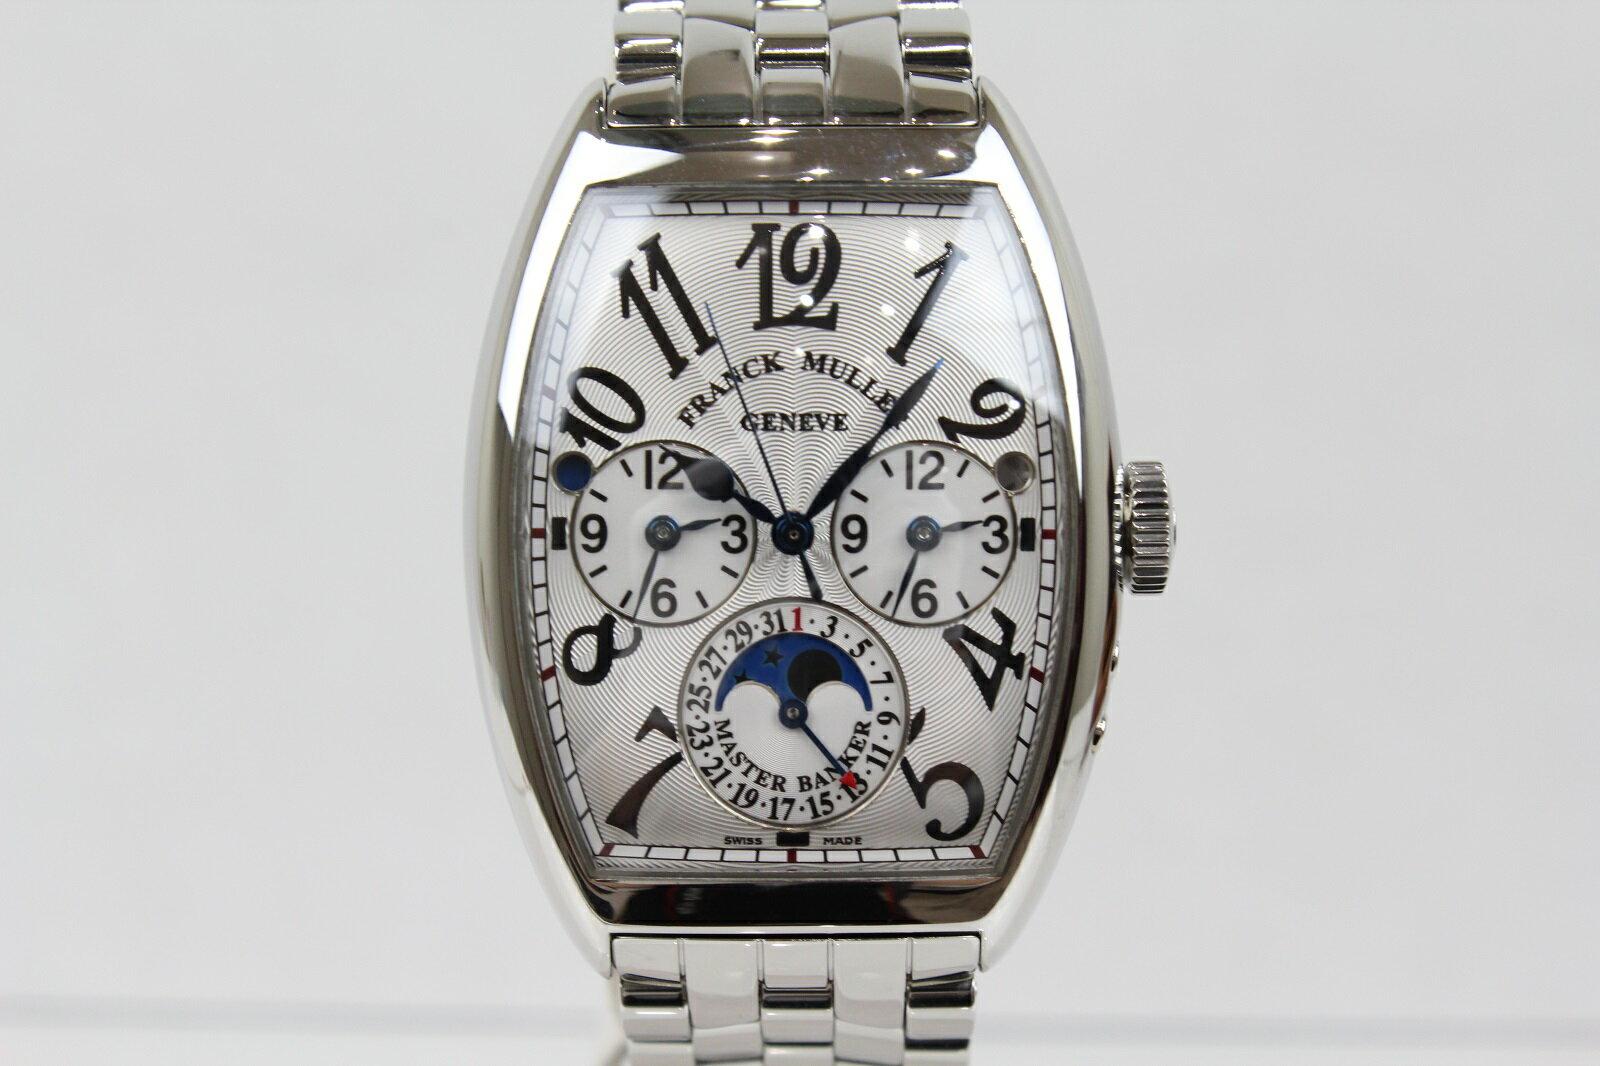 【OH済み】FRANCK MULLER フランクミューラー マスターバンカー ルナ 6850MB L DT 自動巻き デイト クロノグラフ ムーンフェイズ SS ステンレススチール メンズ 腕時計【中古】